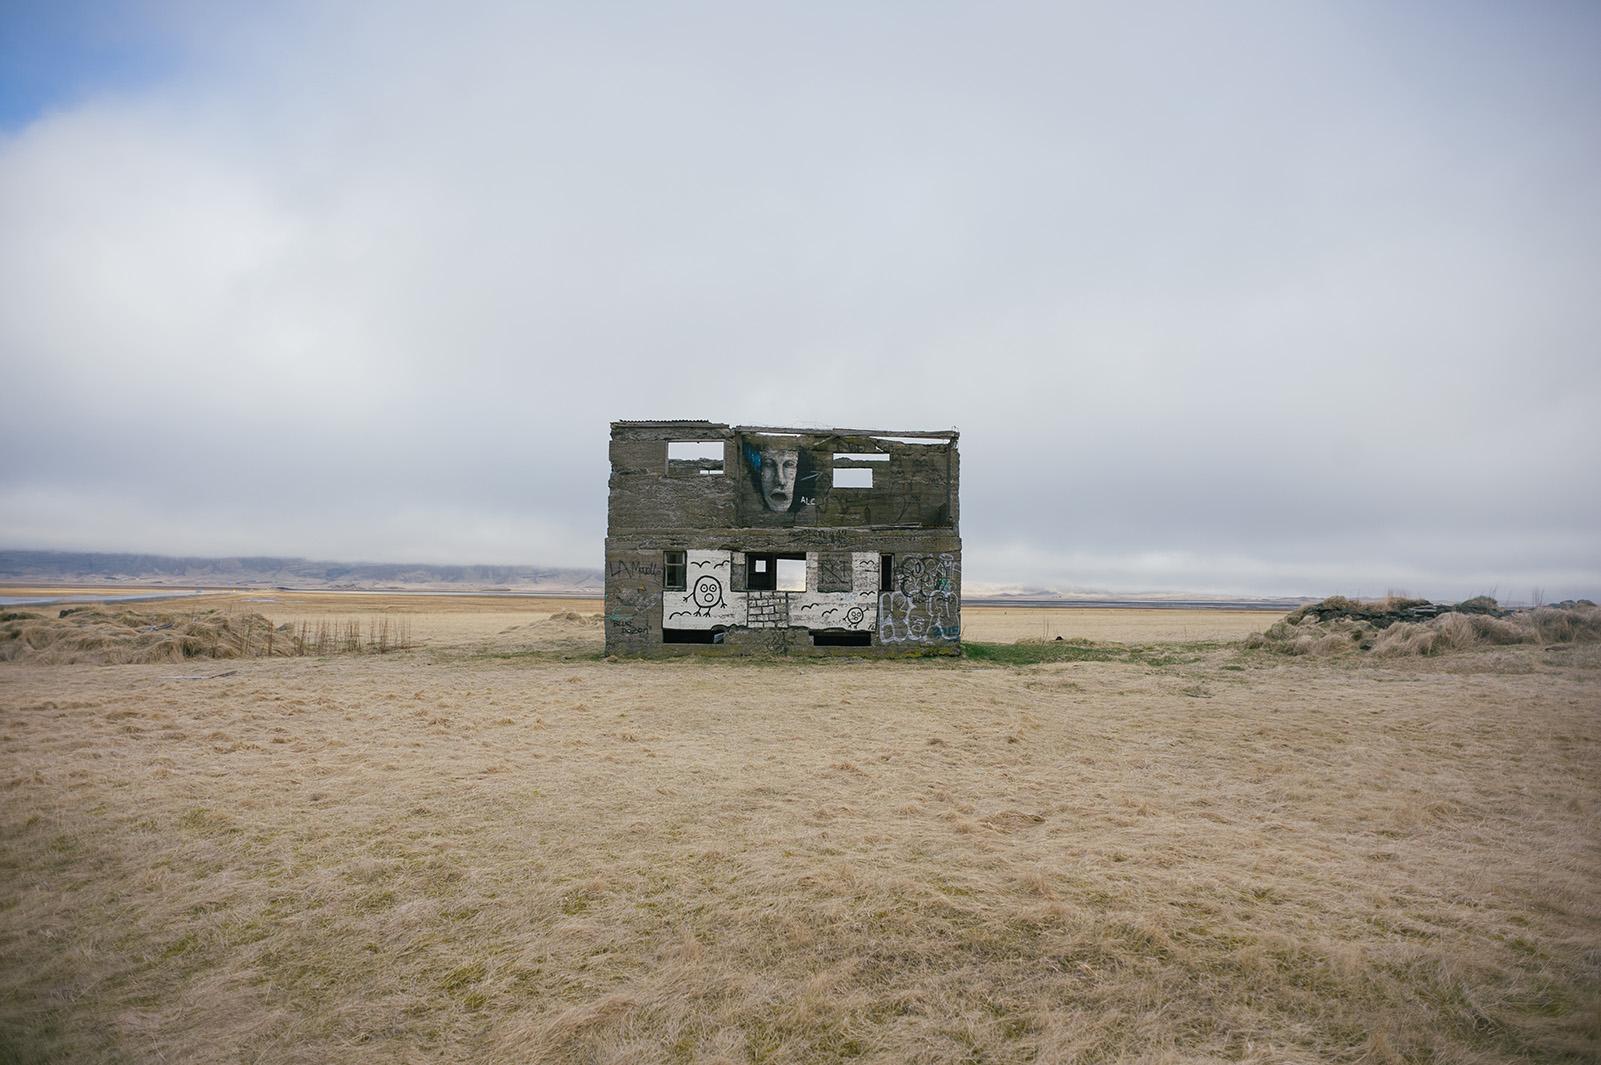 призрачный дом среди бескрайних исландских полей.